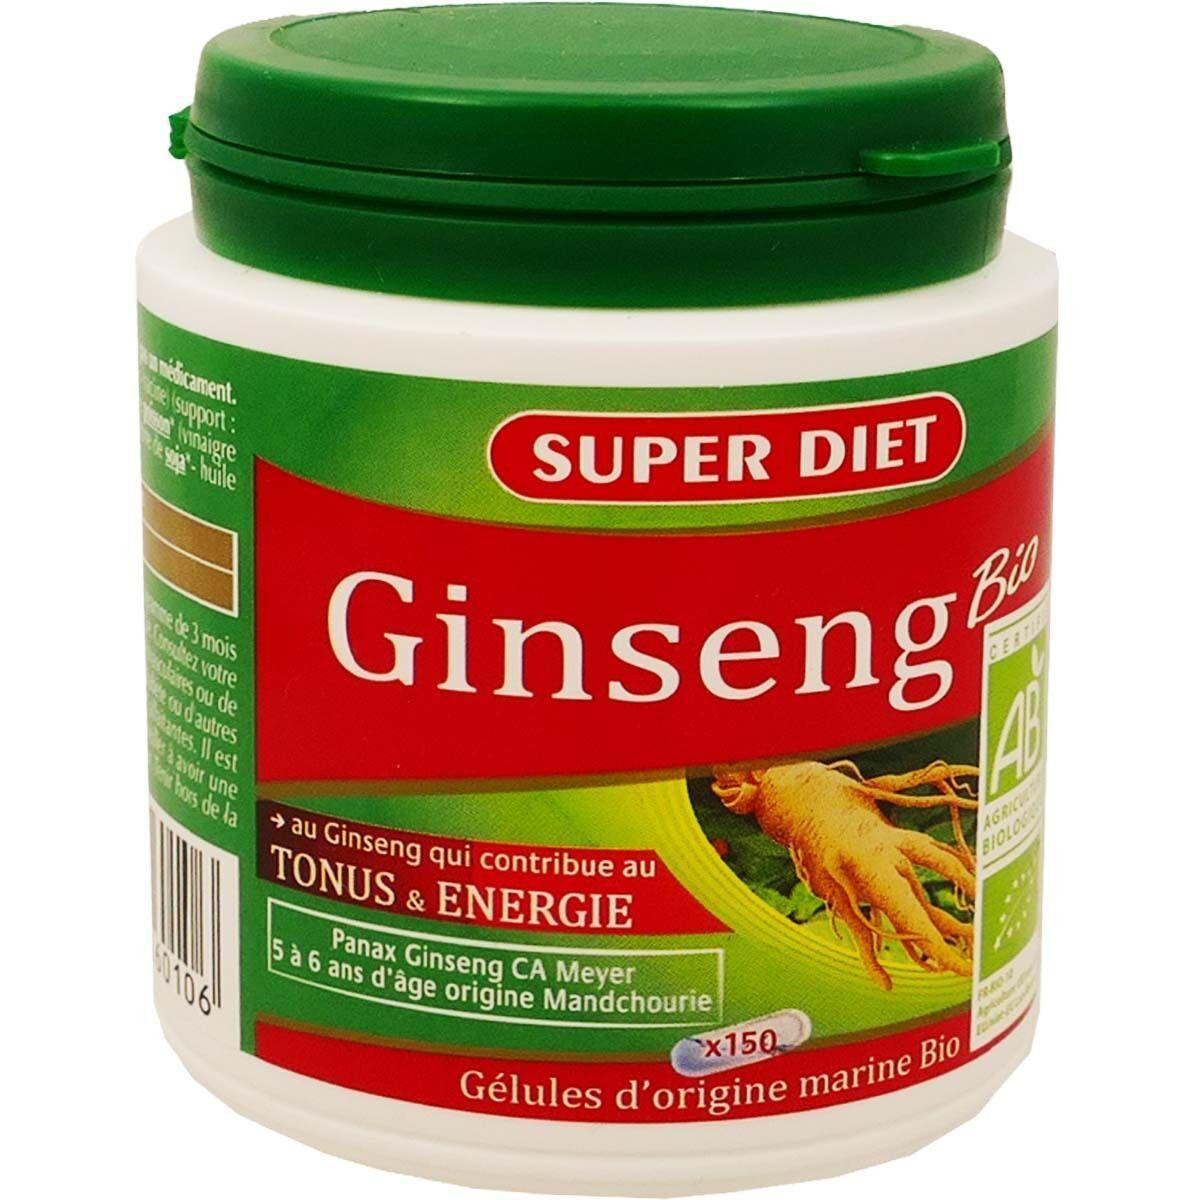 SUPER DIET Superdiet ginseng bio 150 gelules tonus et energie